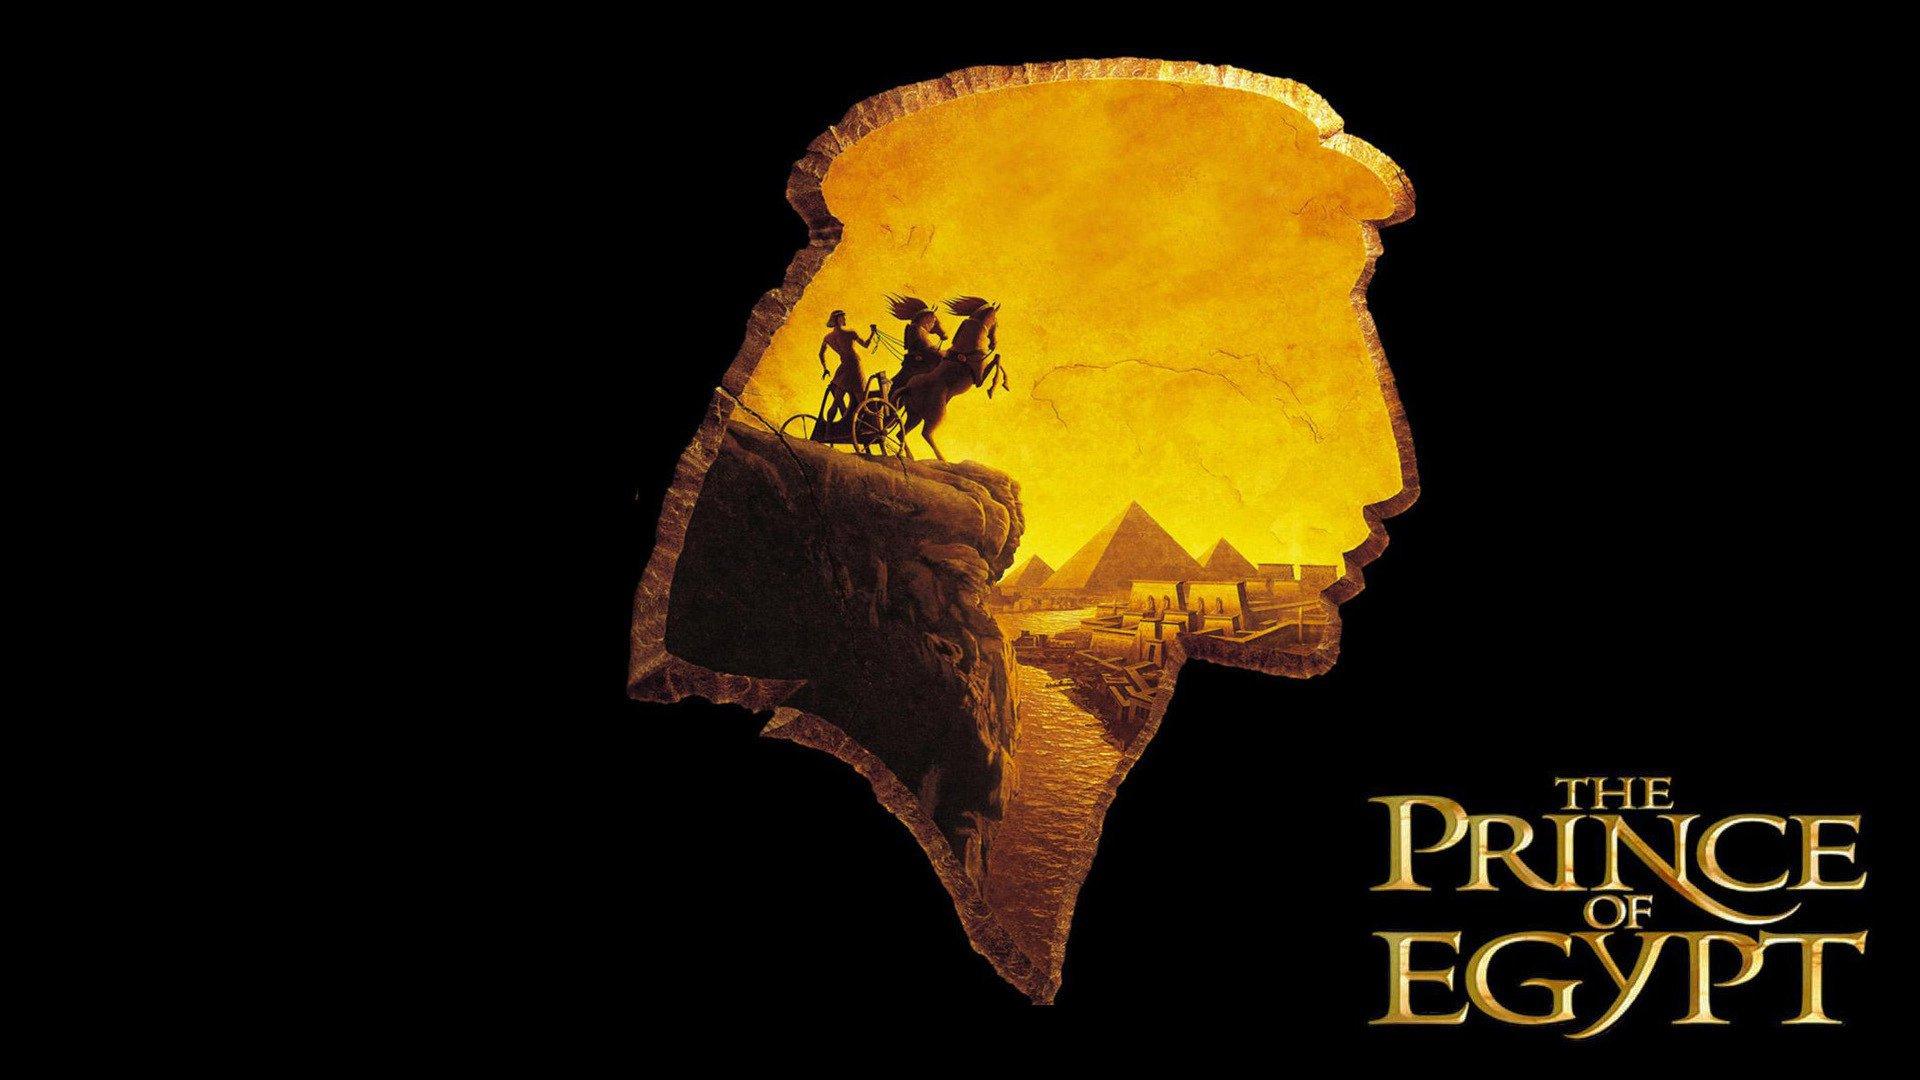 Принц Египта смотреть фото